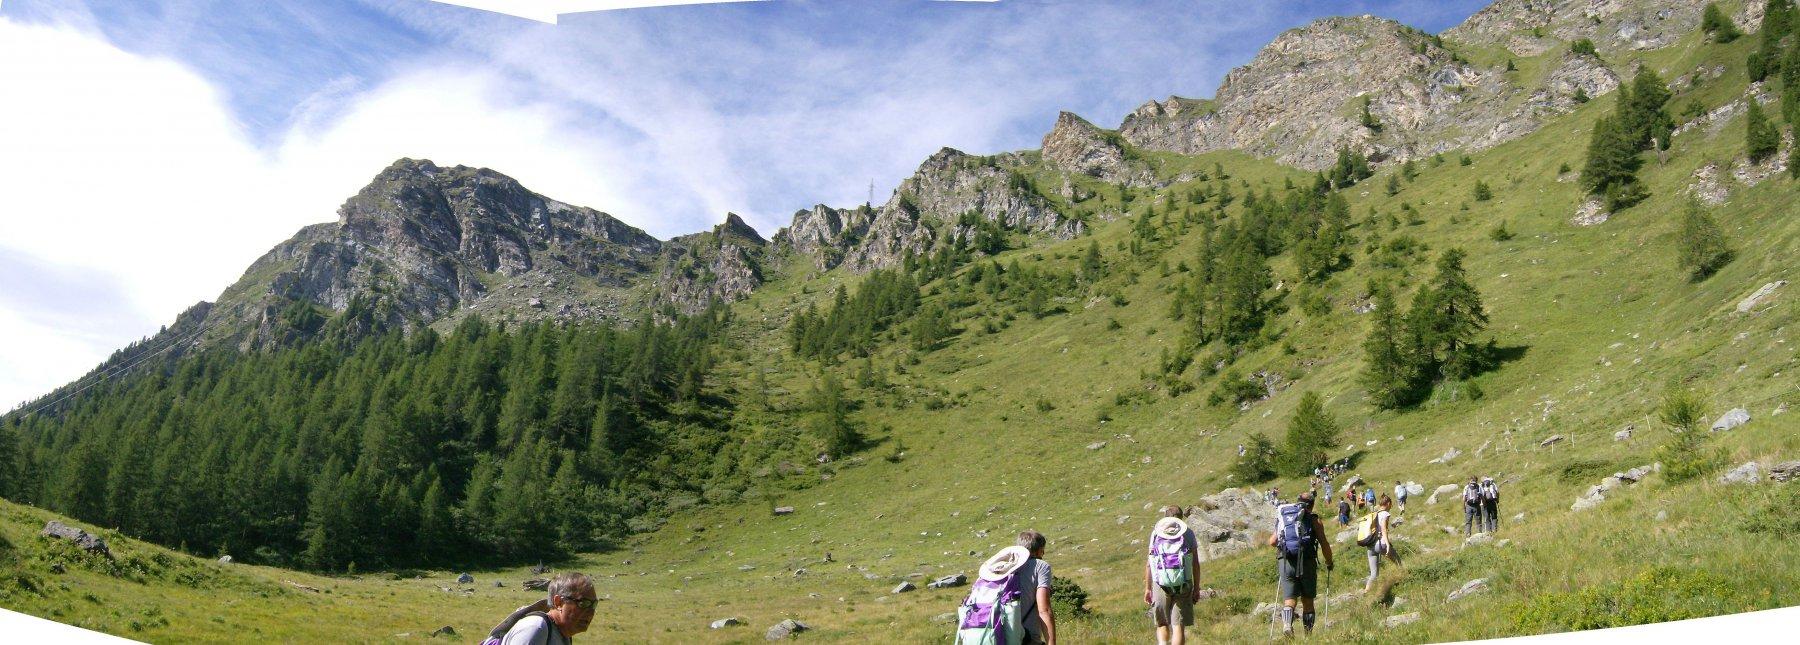 Inizio sentiero, al centro Col Portola, a sinistra lo Zerbion.